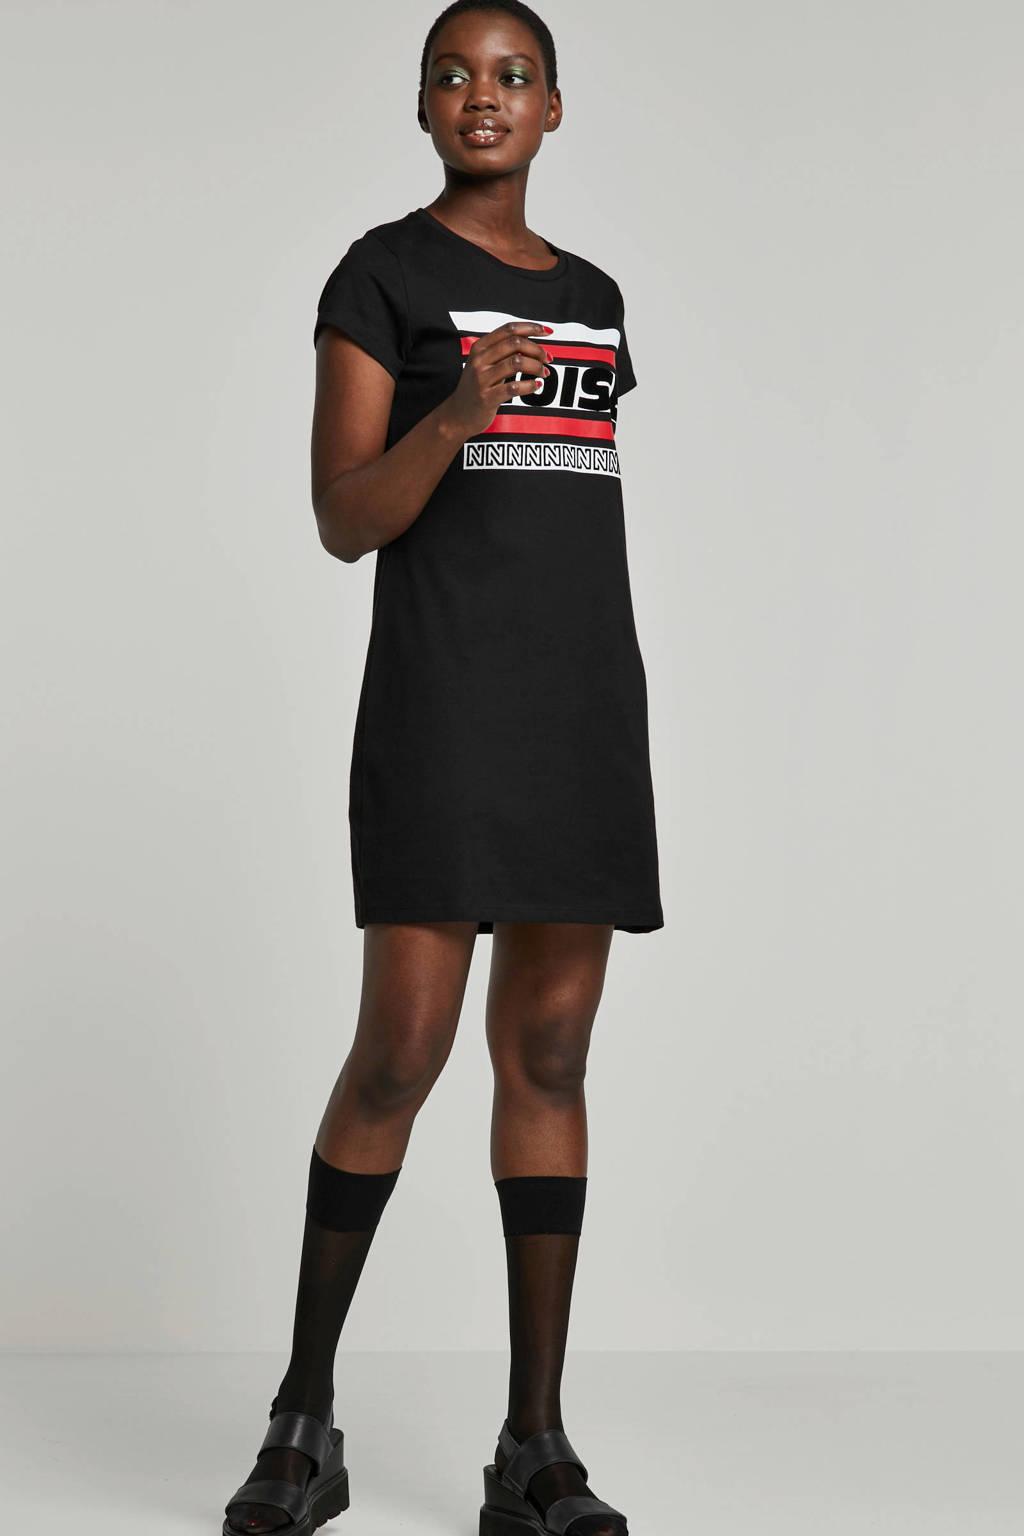 NIKKIE jurk zwart, Zwart/rood/wit